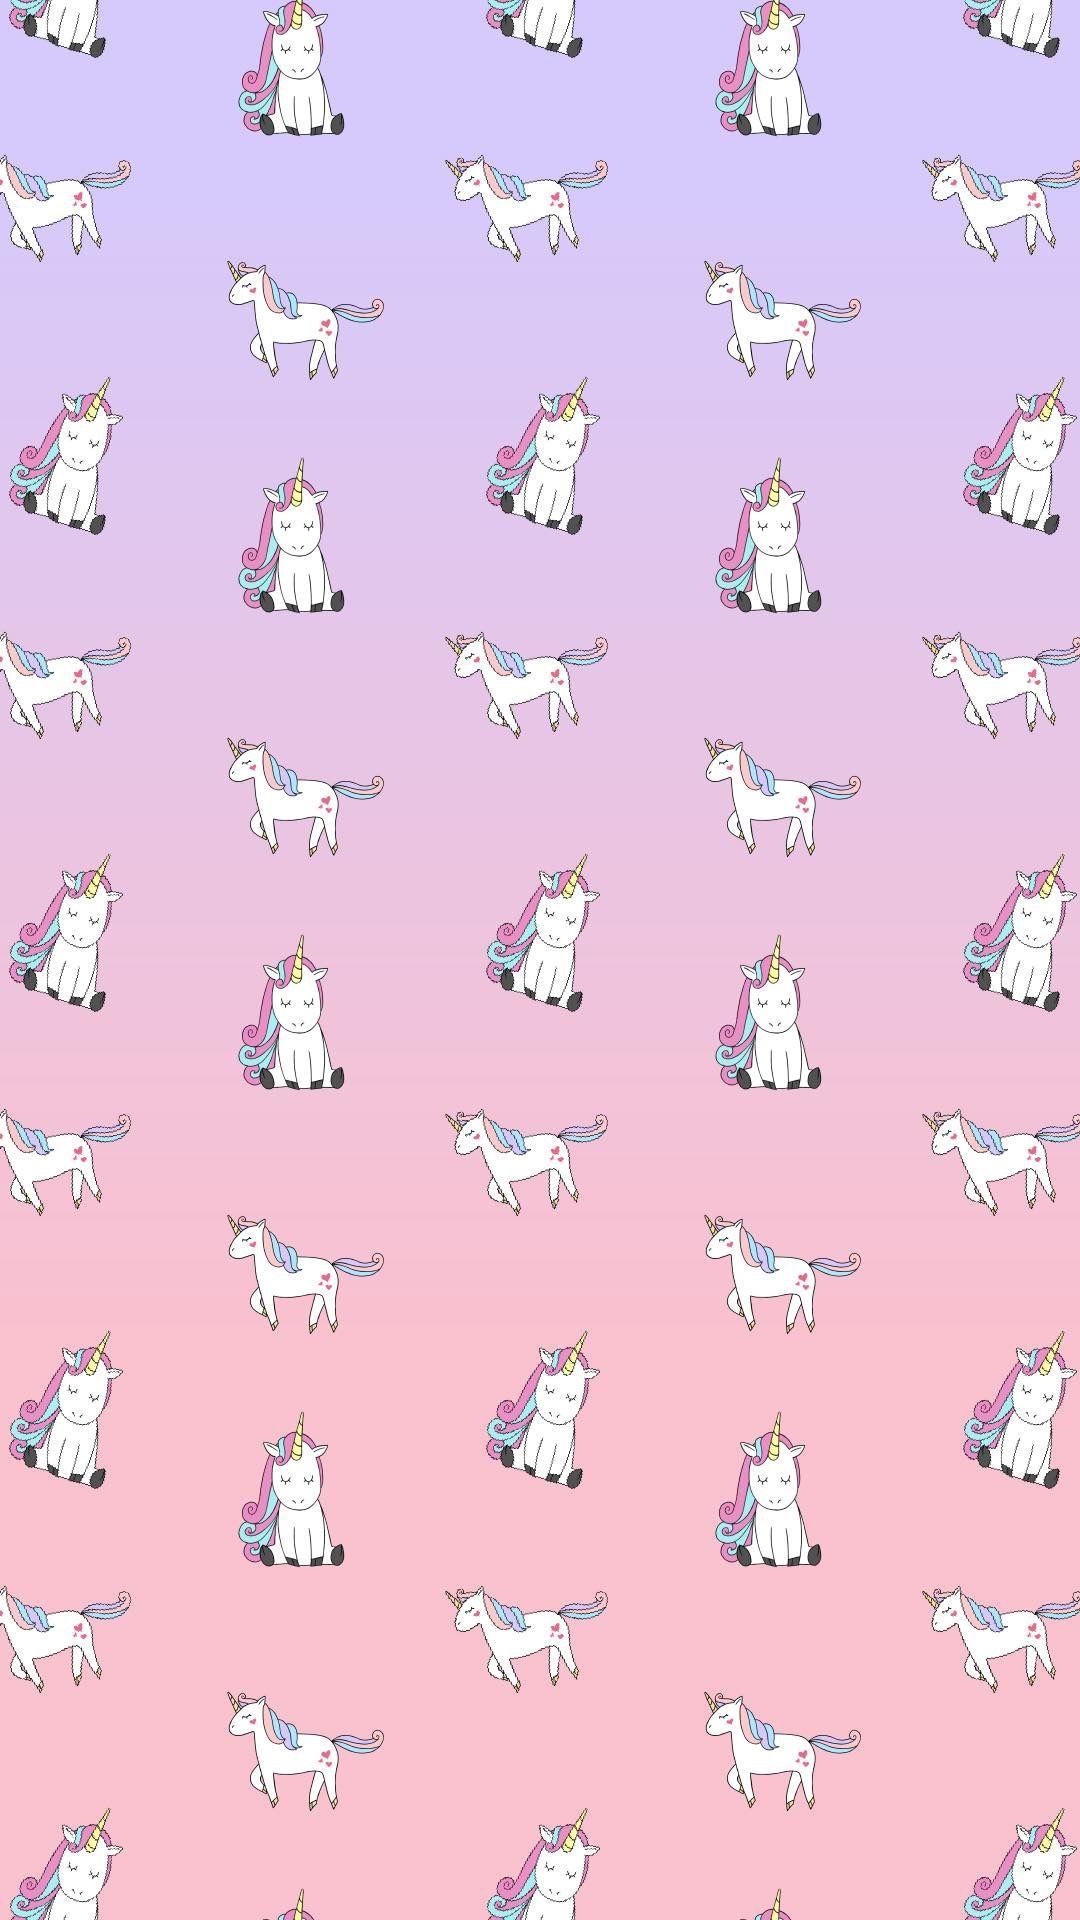 Wallpaper Unicorn Tumblr Papel De Parede Unicornio Fofo Segue Ai Q Tem Muitooo Mais